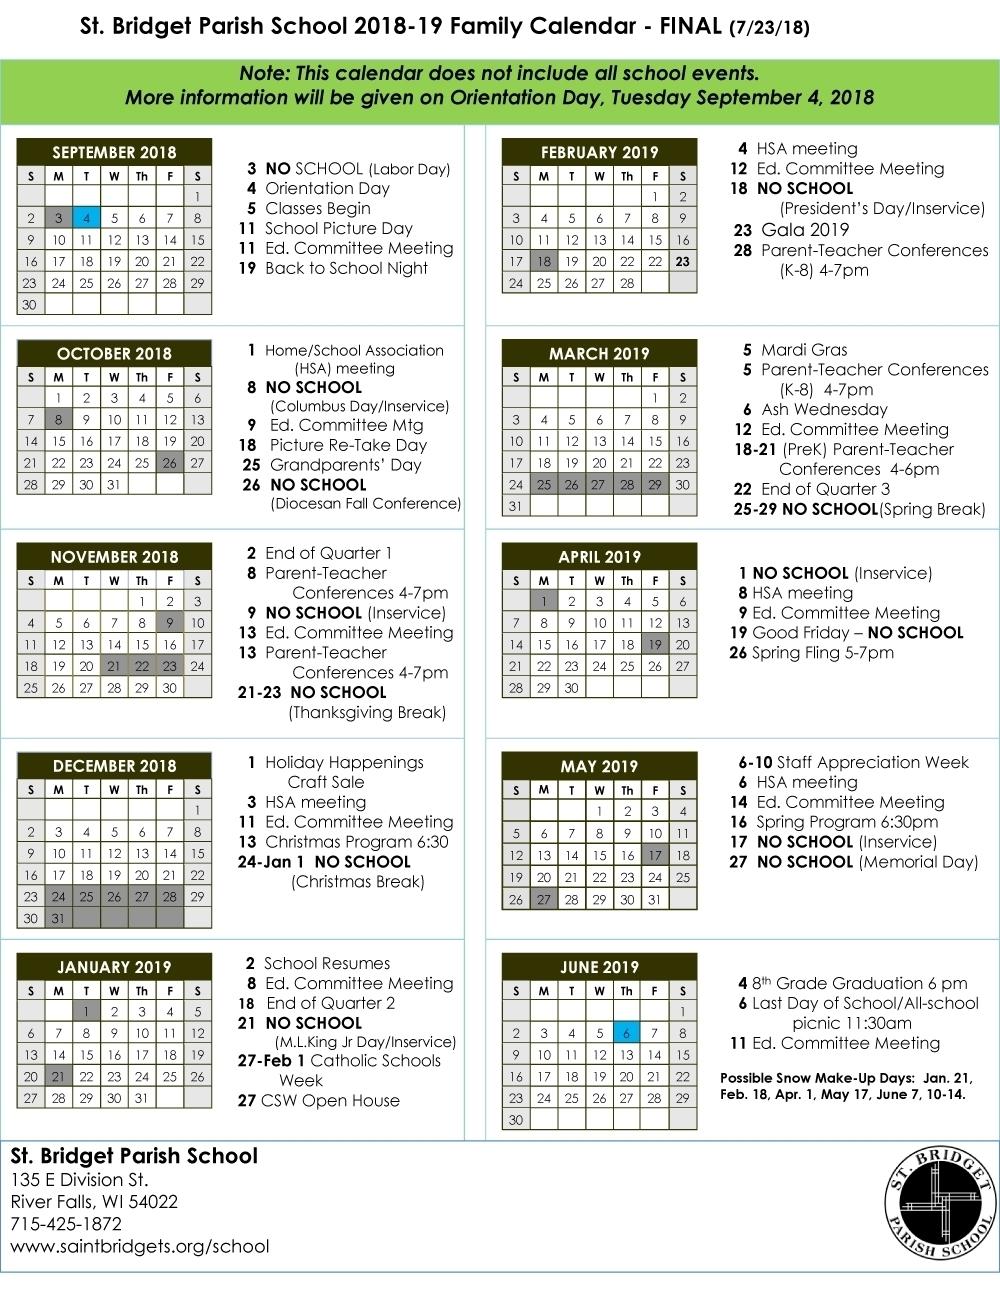 Catholic Liturgical Calendar 2020 Pdf - Calendar Inspiration with regard to Free Catholic Calender For 2020